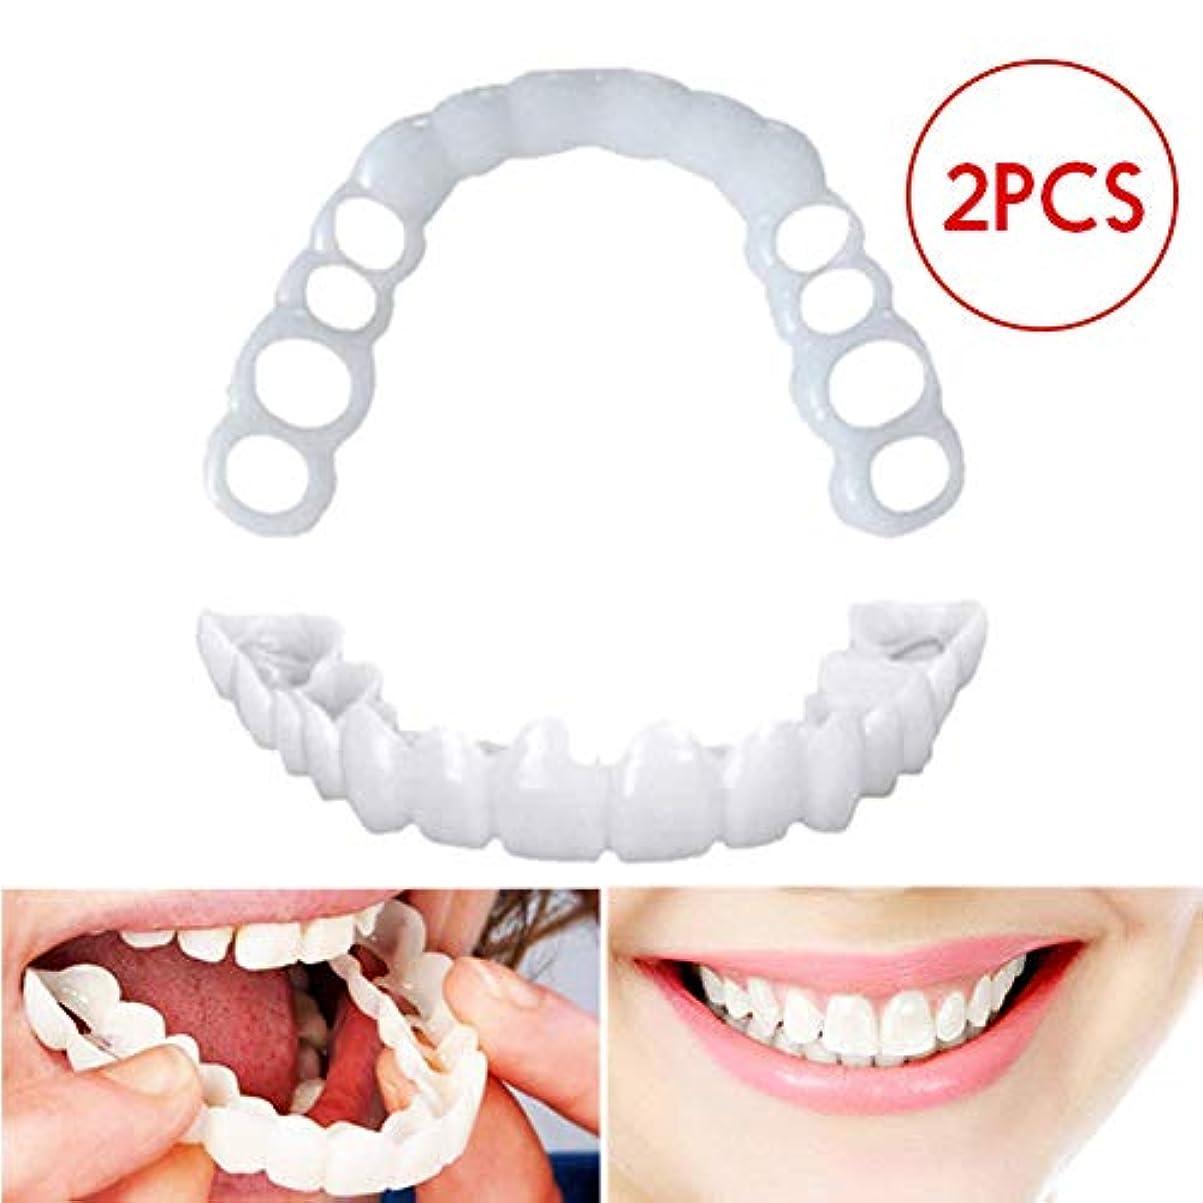 脱走協同ビヨン2組の一時的な化粧品の歯の義歯の歯の化粧品は装具を模倣しました、即刻の快適な完全なベニヤの歯のスナップキャップを白くします,2pcsupperteeth